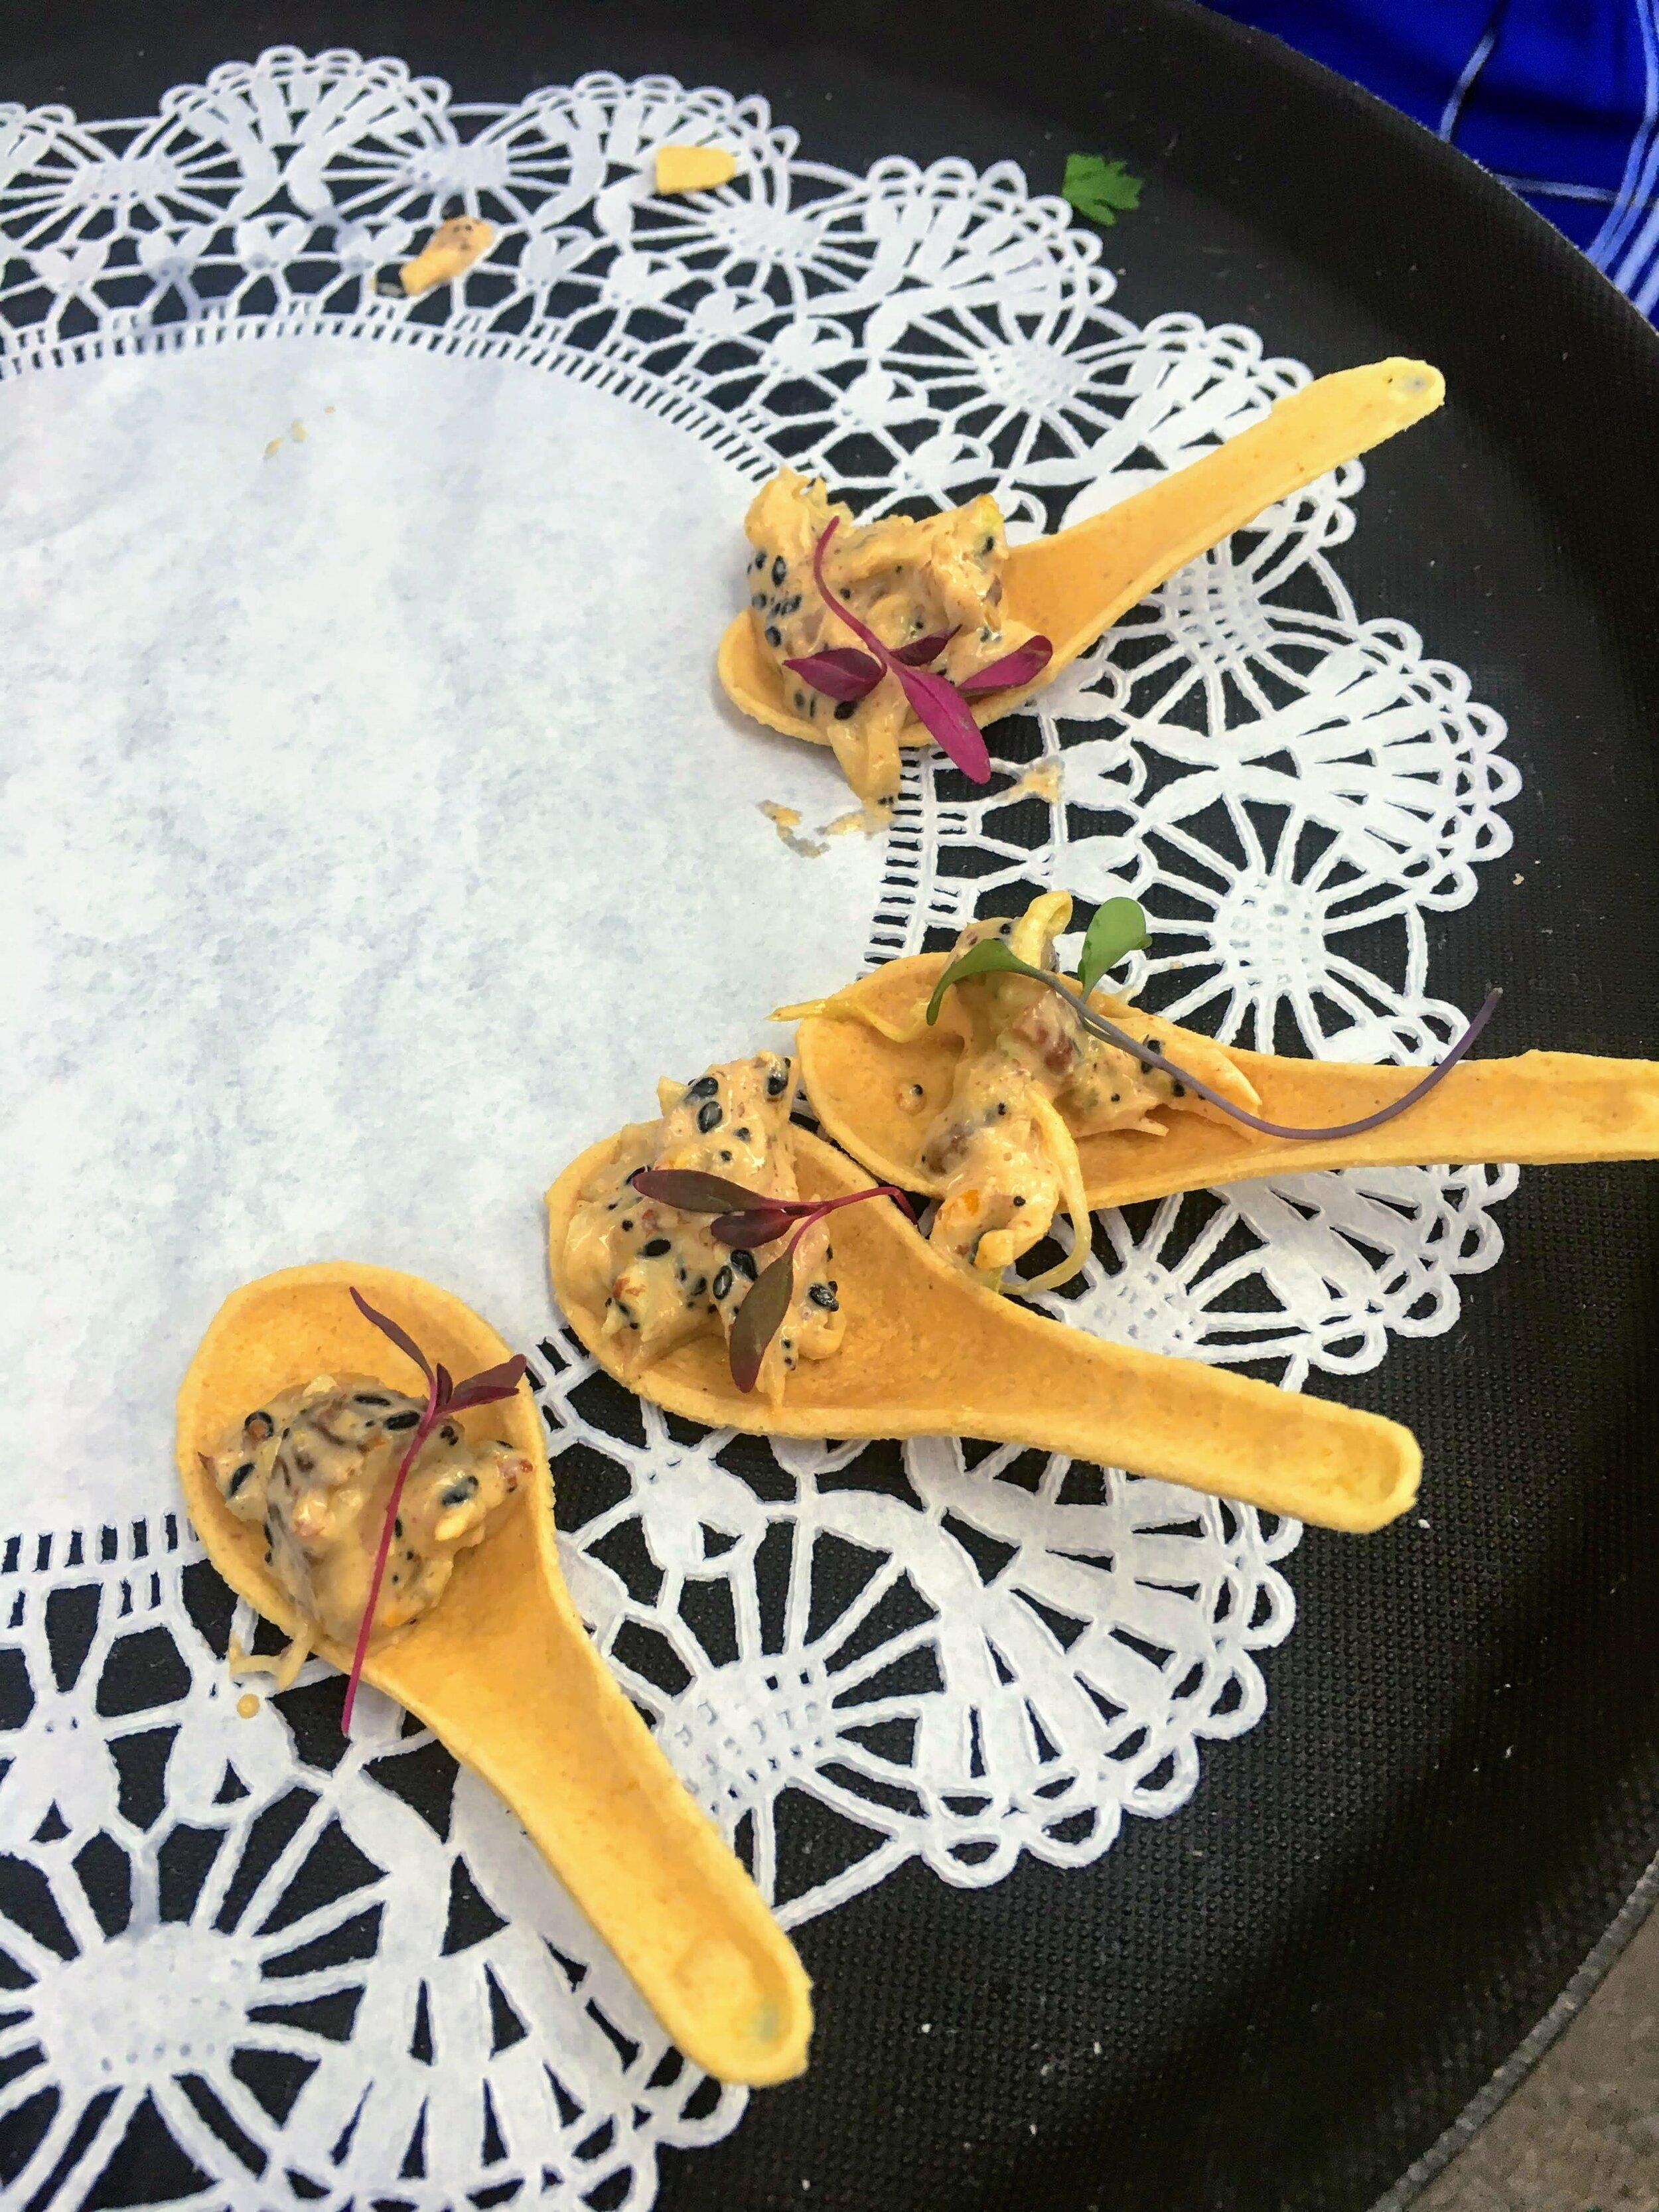 Edible Tasting Spoons pt. 2